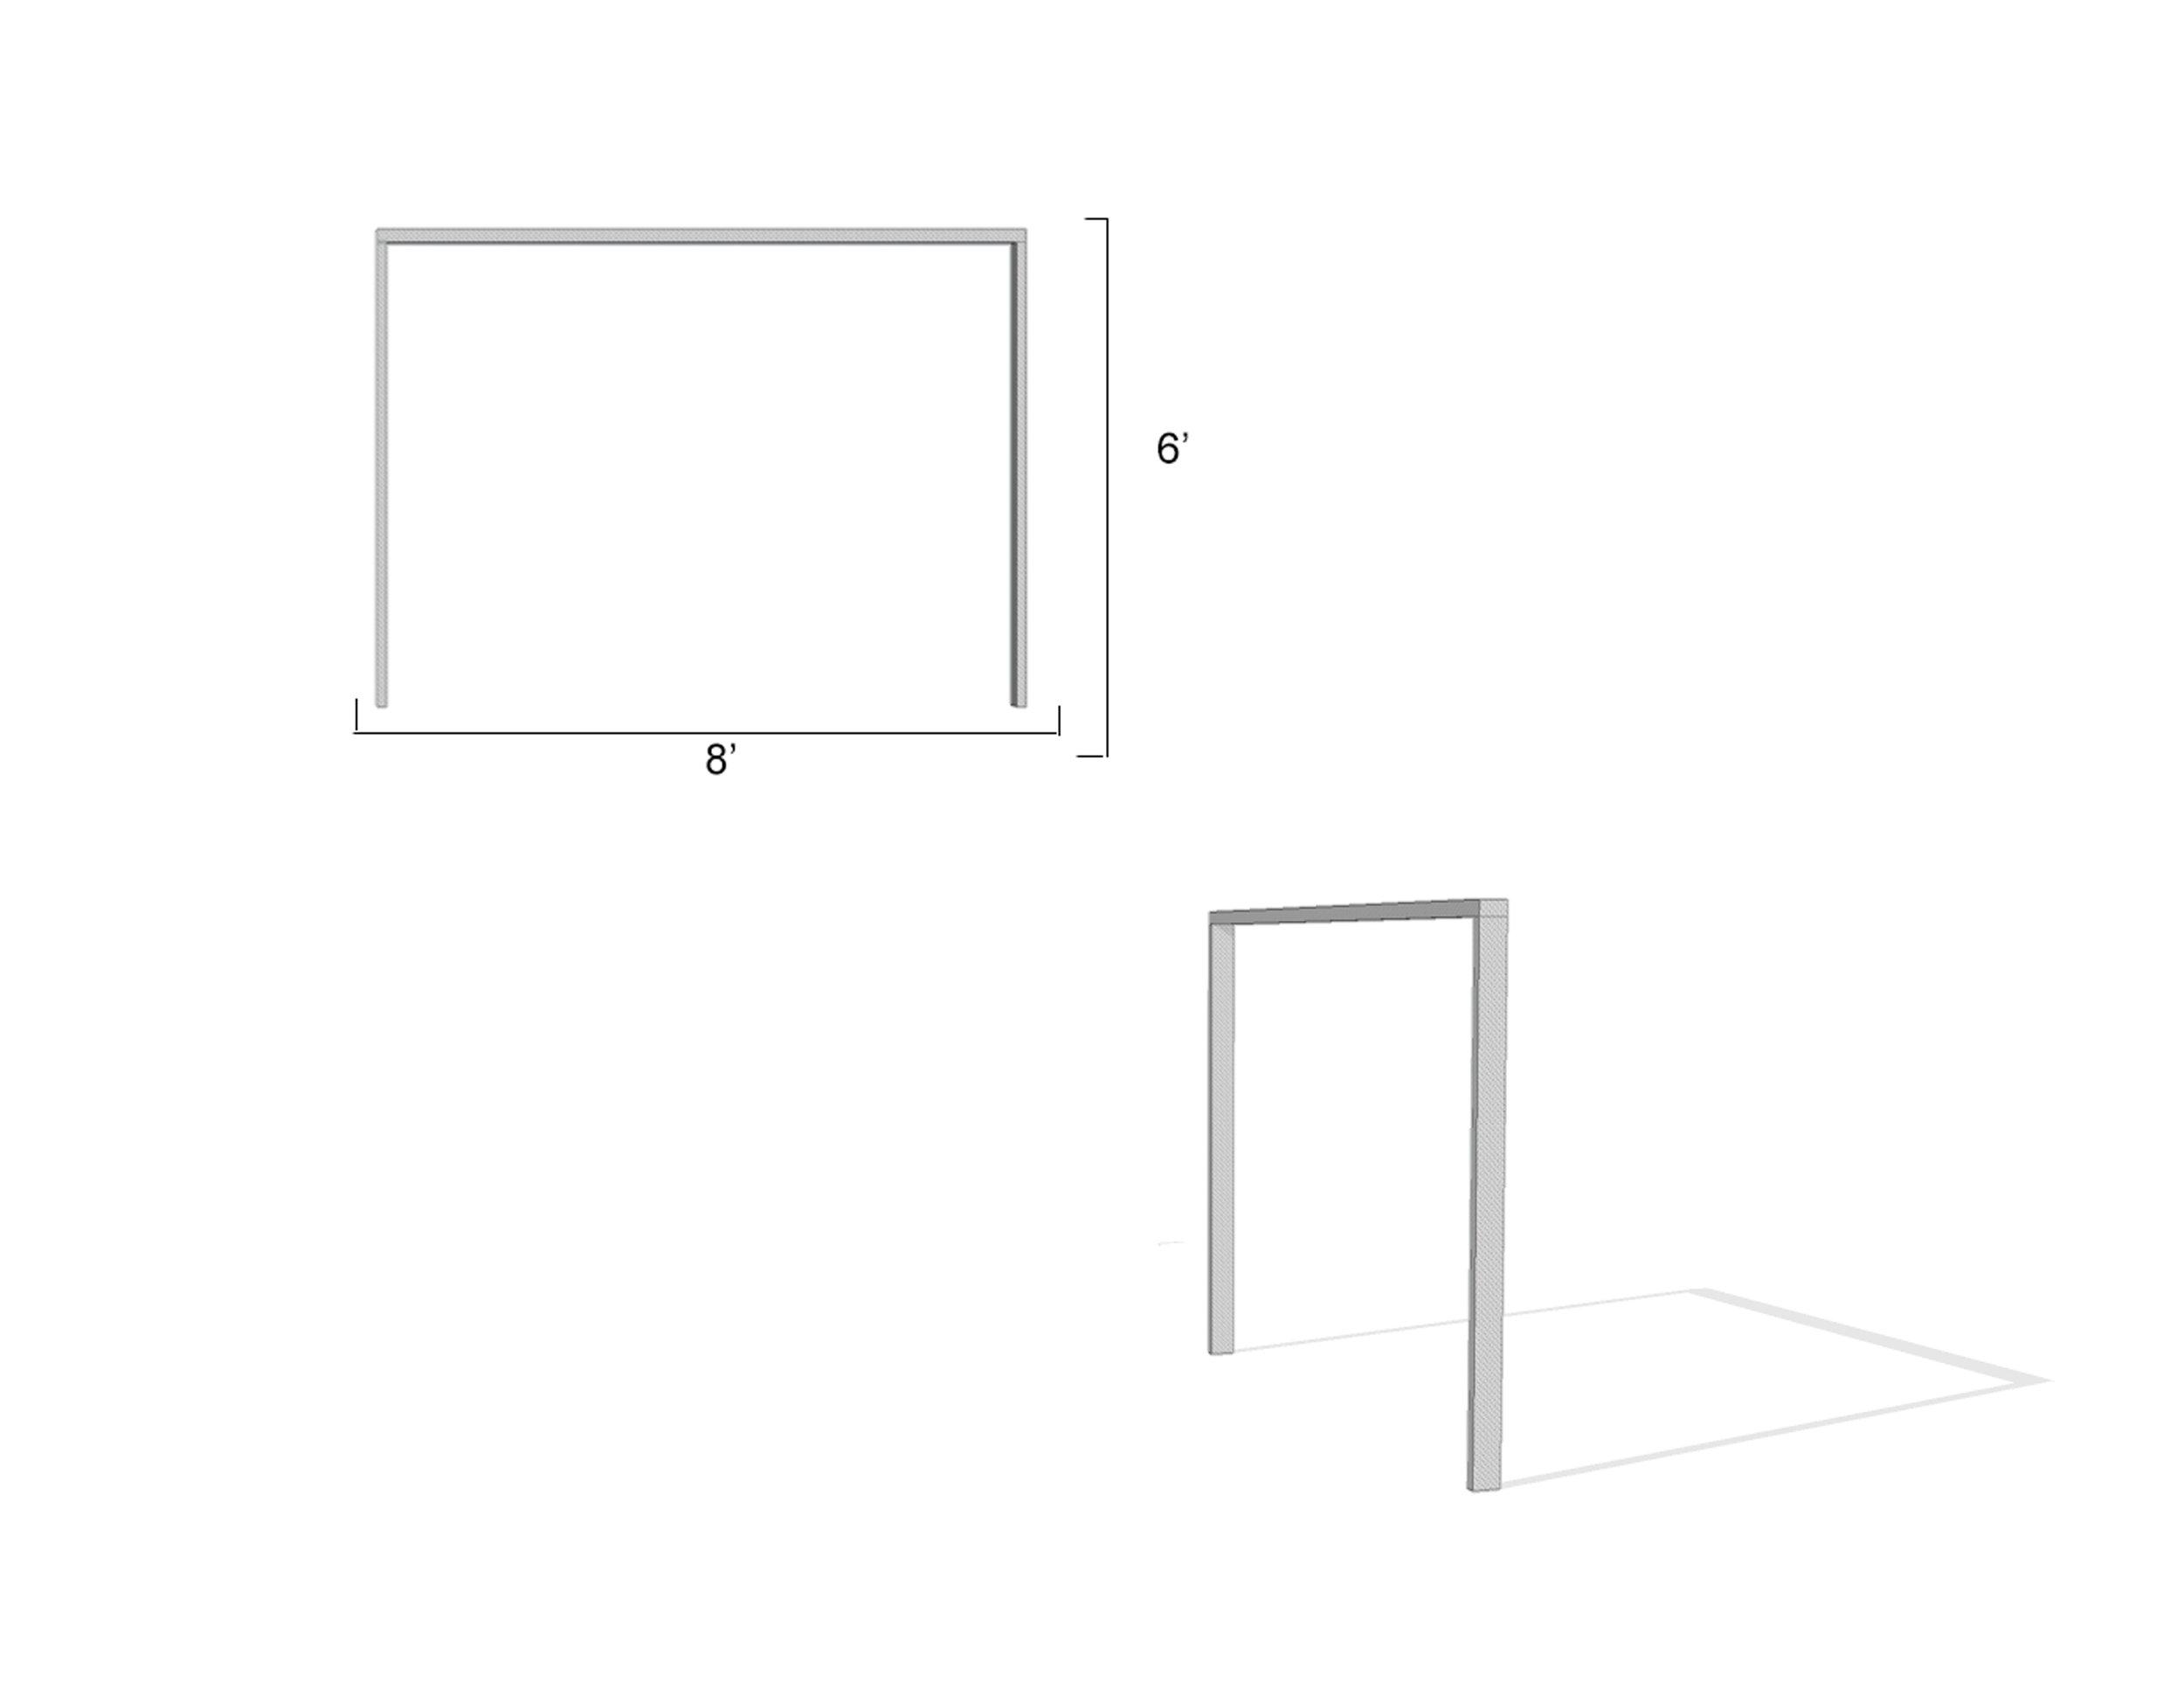 Dasso_Fixture3.jpg